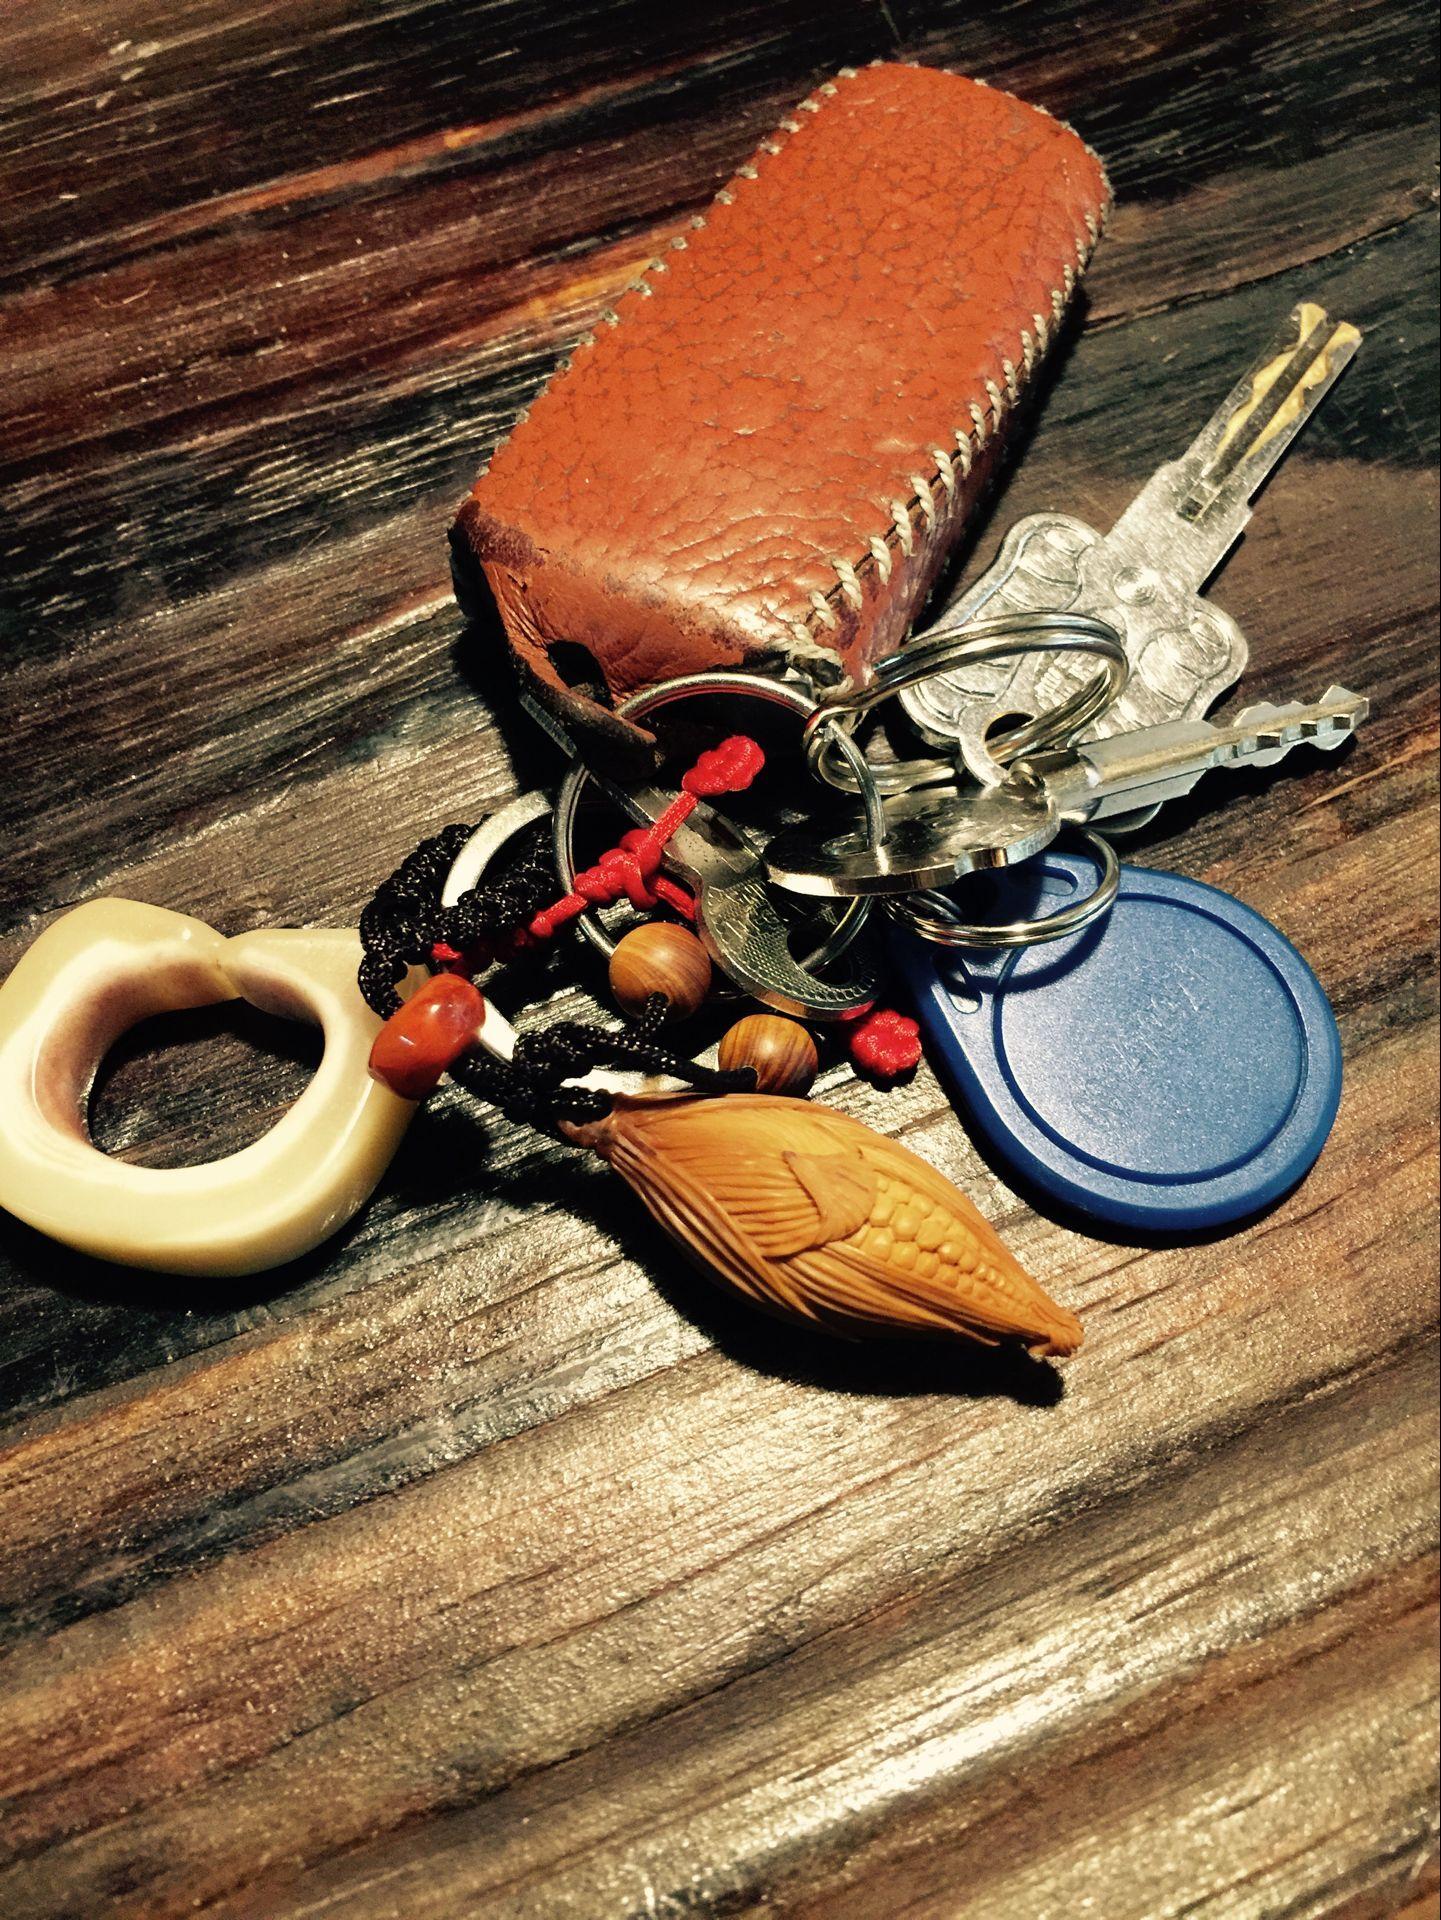 橄榄核钥匙扣展示